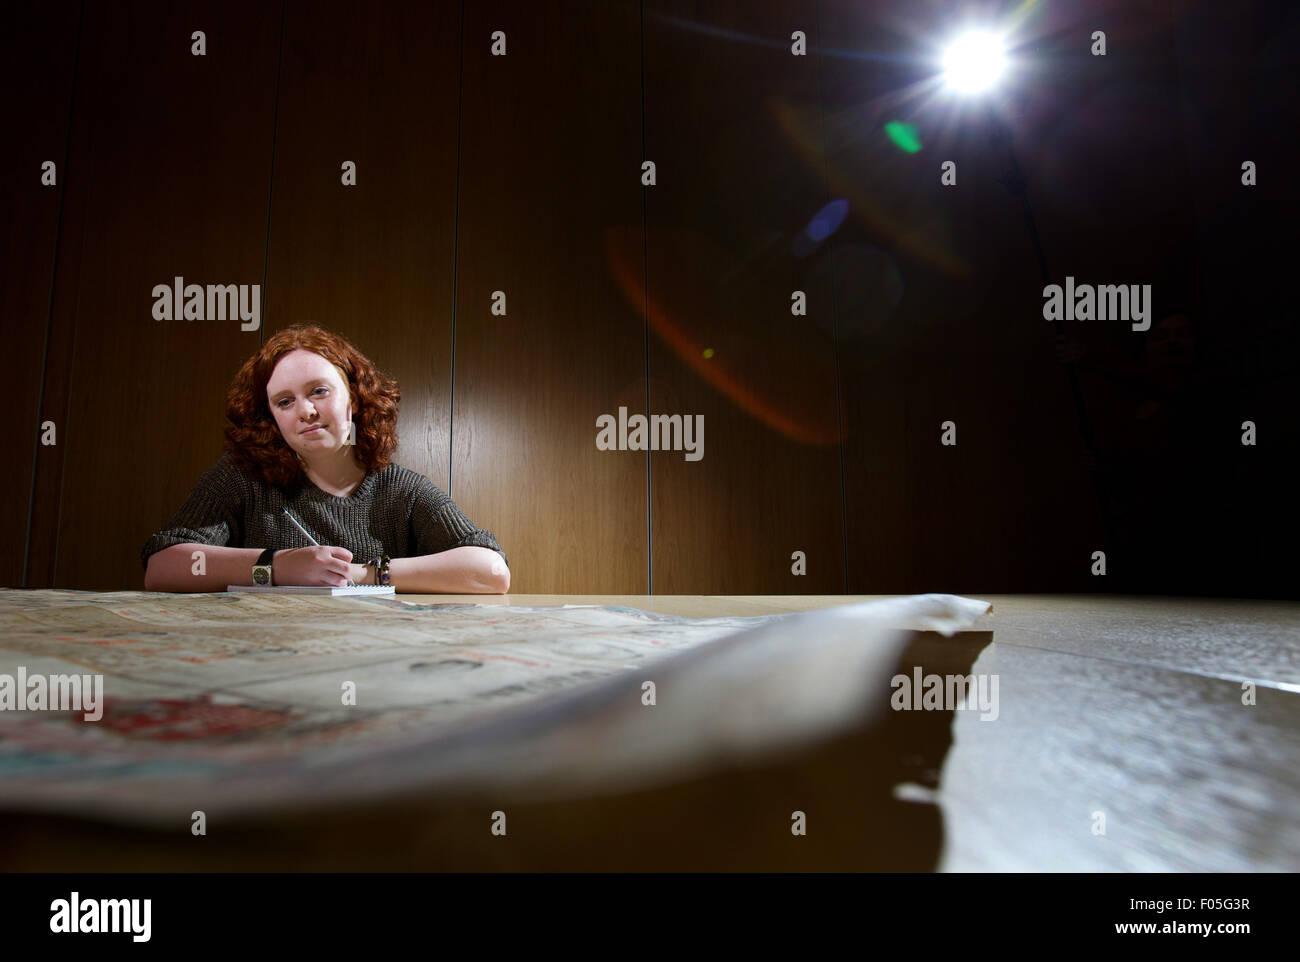 female archeology student studying old maps - Stock Image